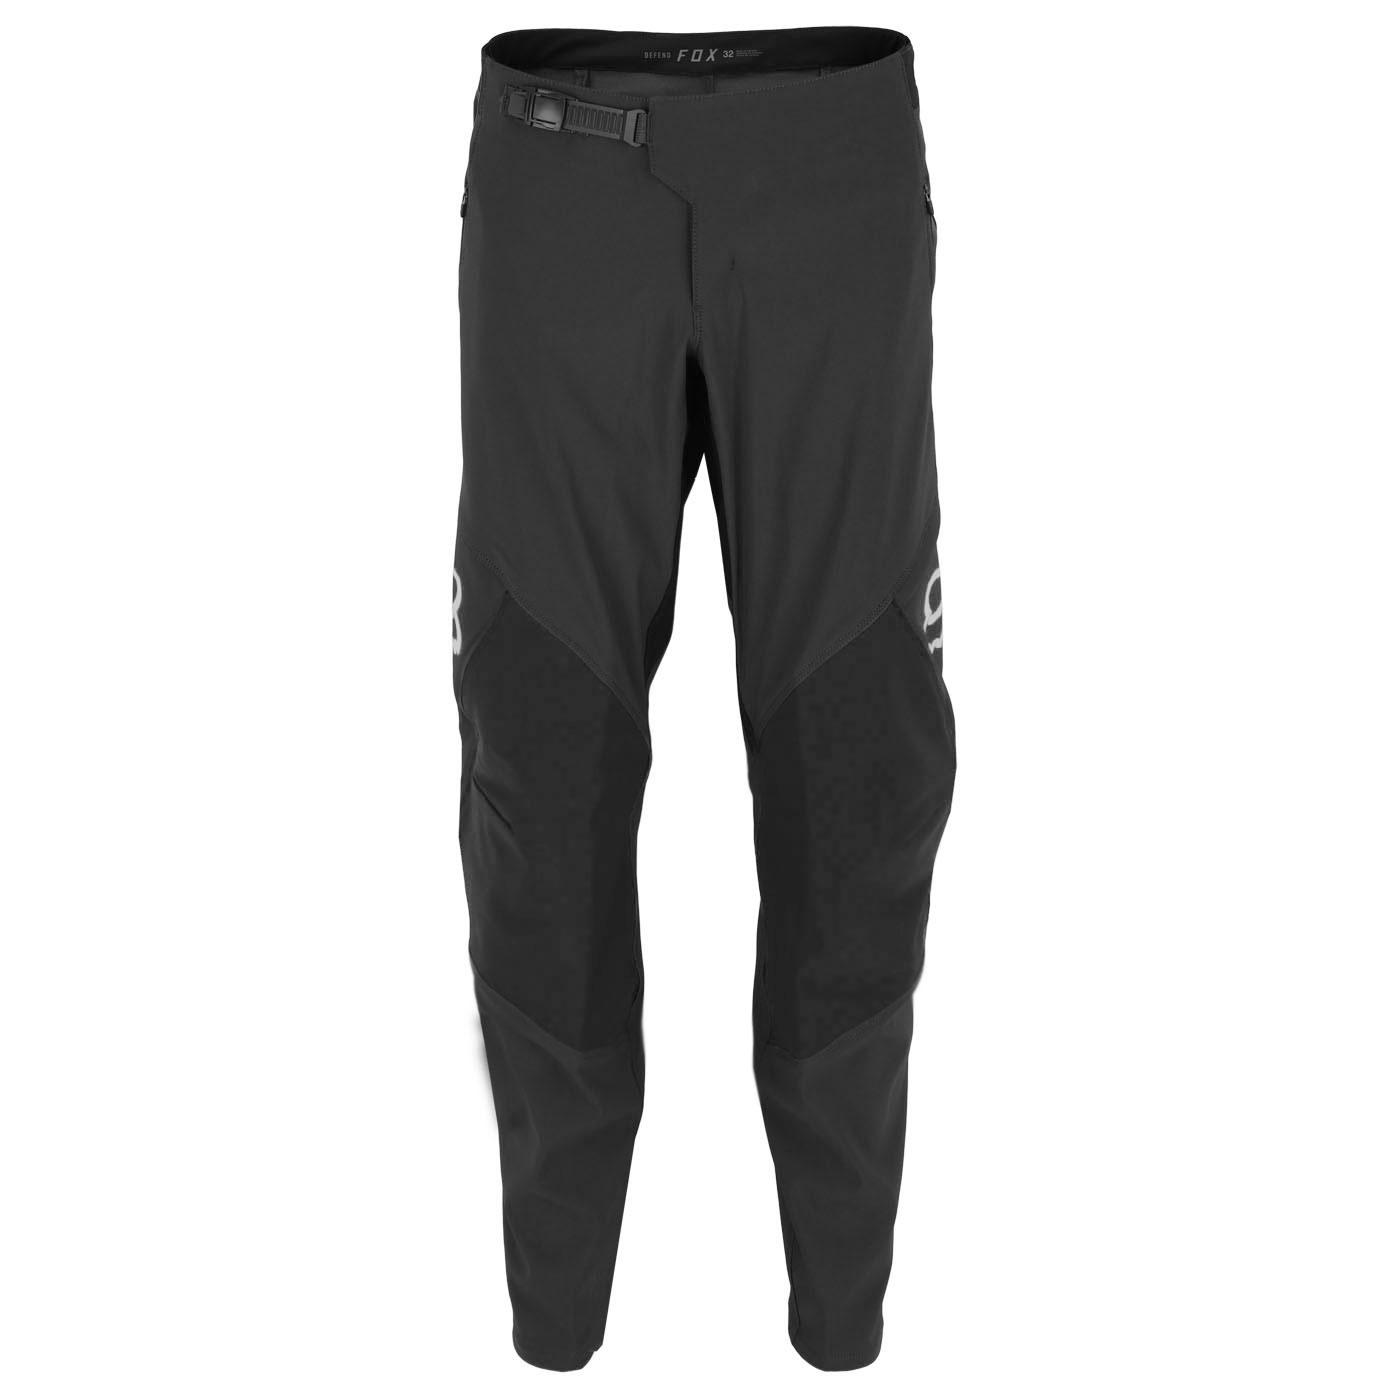 Foto de FOX Defend MTB Pantalones - black